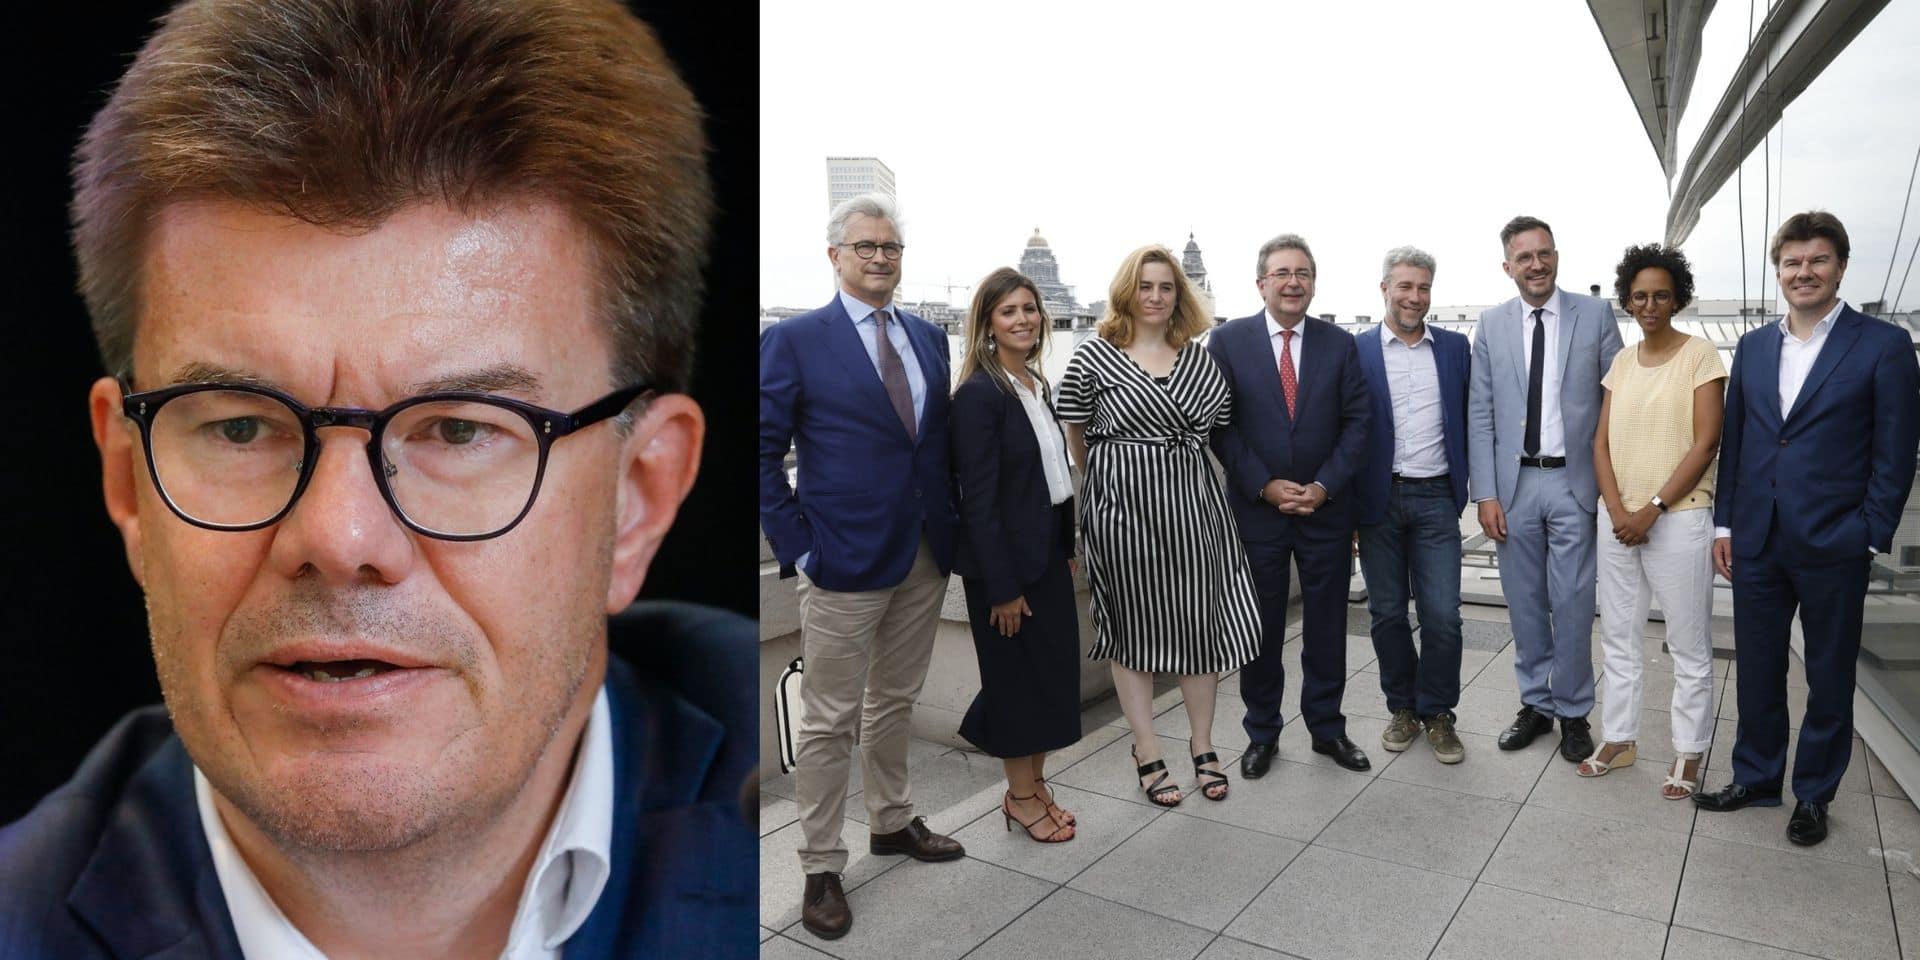 Le ministre Sven Gatz est positif au coronavirus: tout le gouvernement bruxellois placé en quarantaine